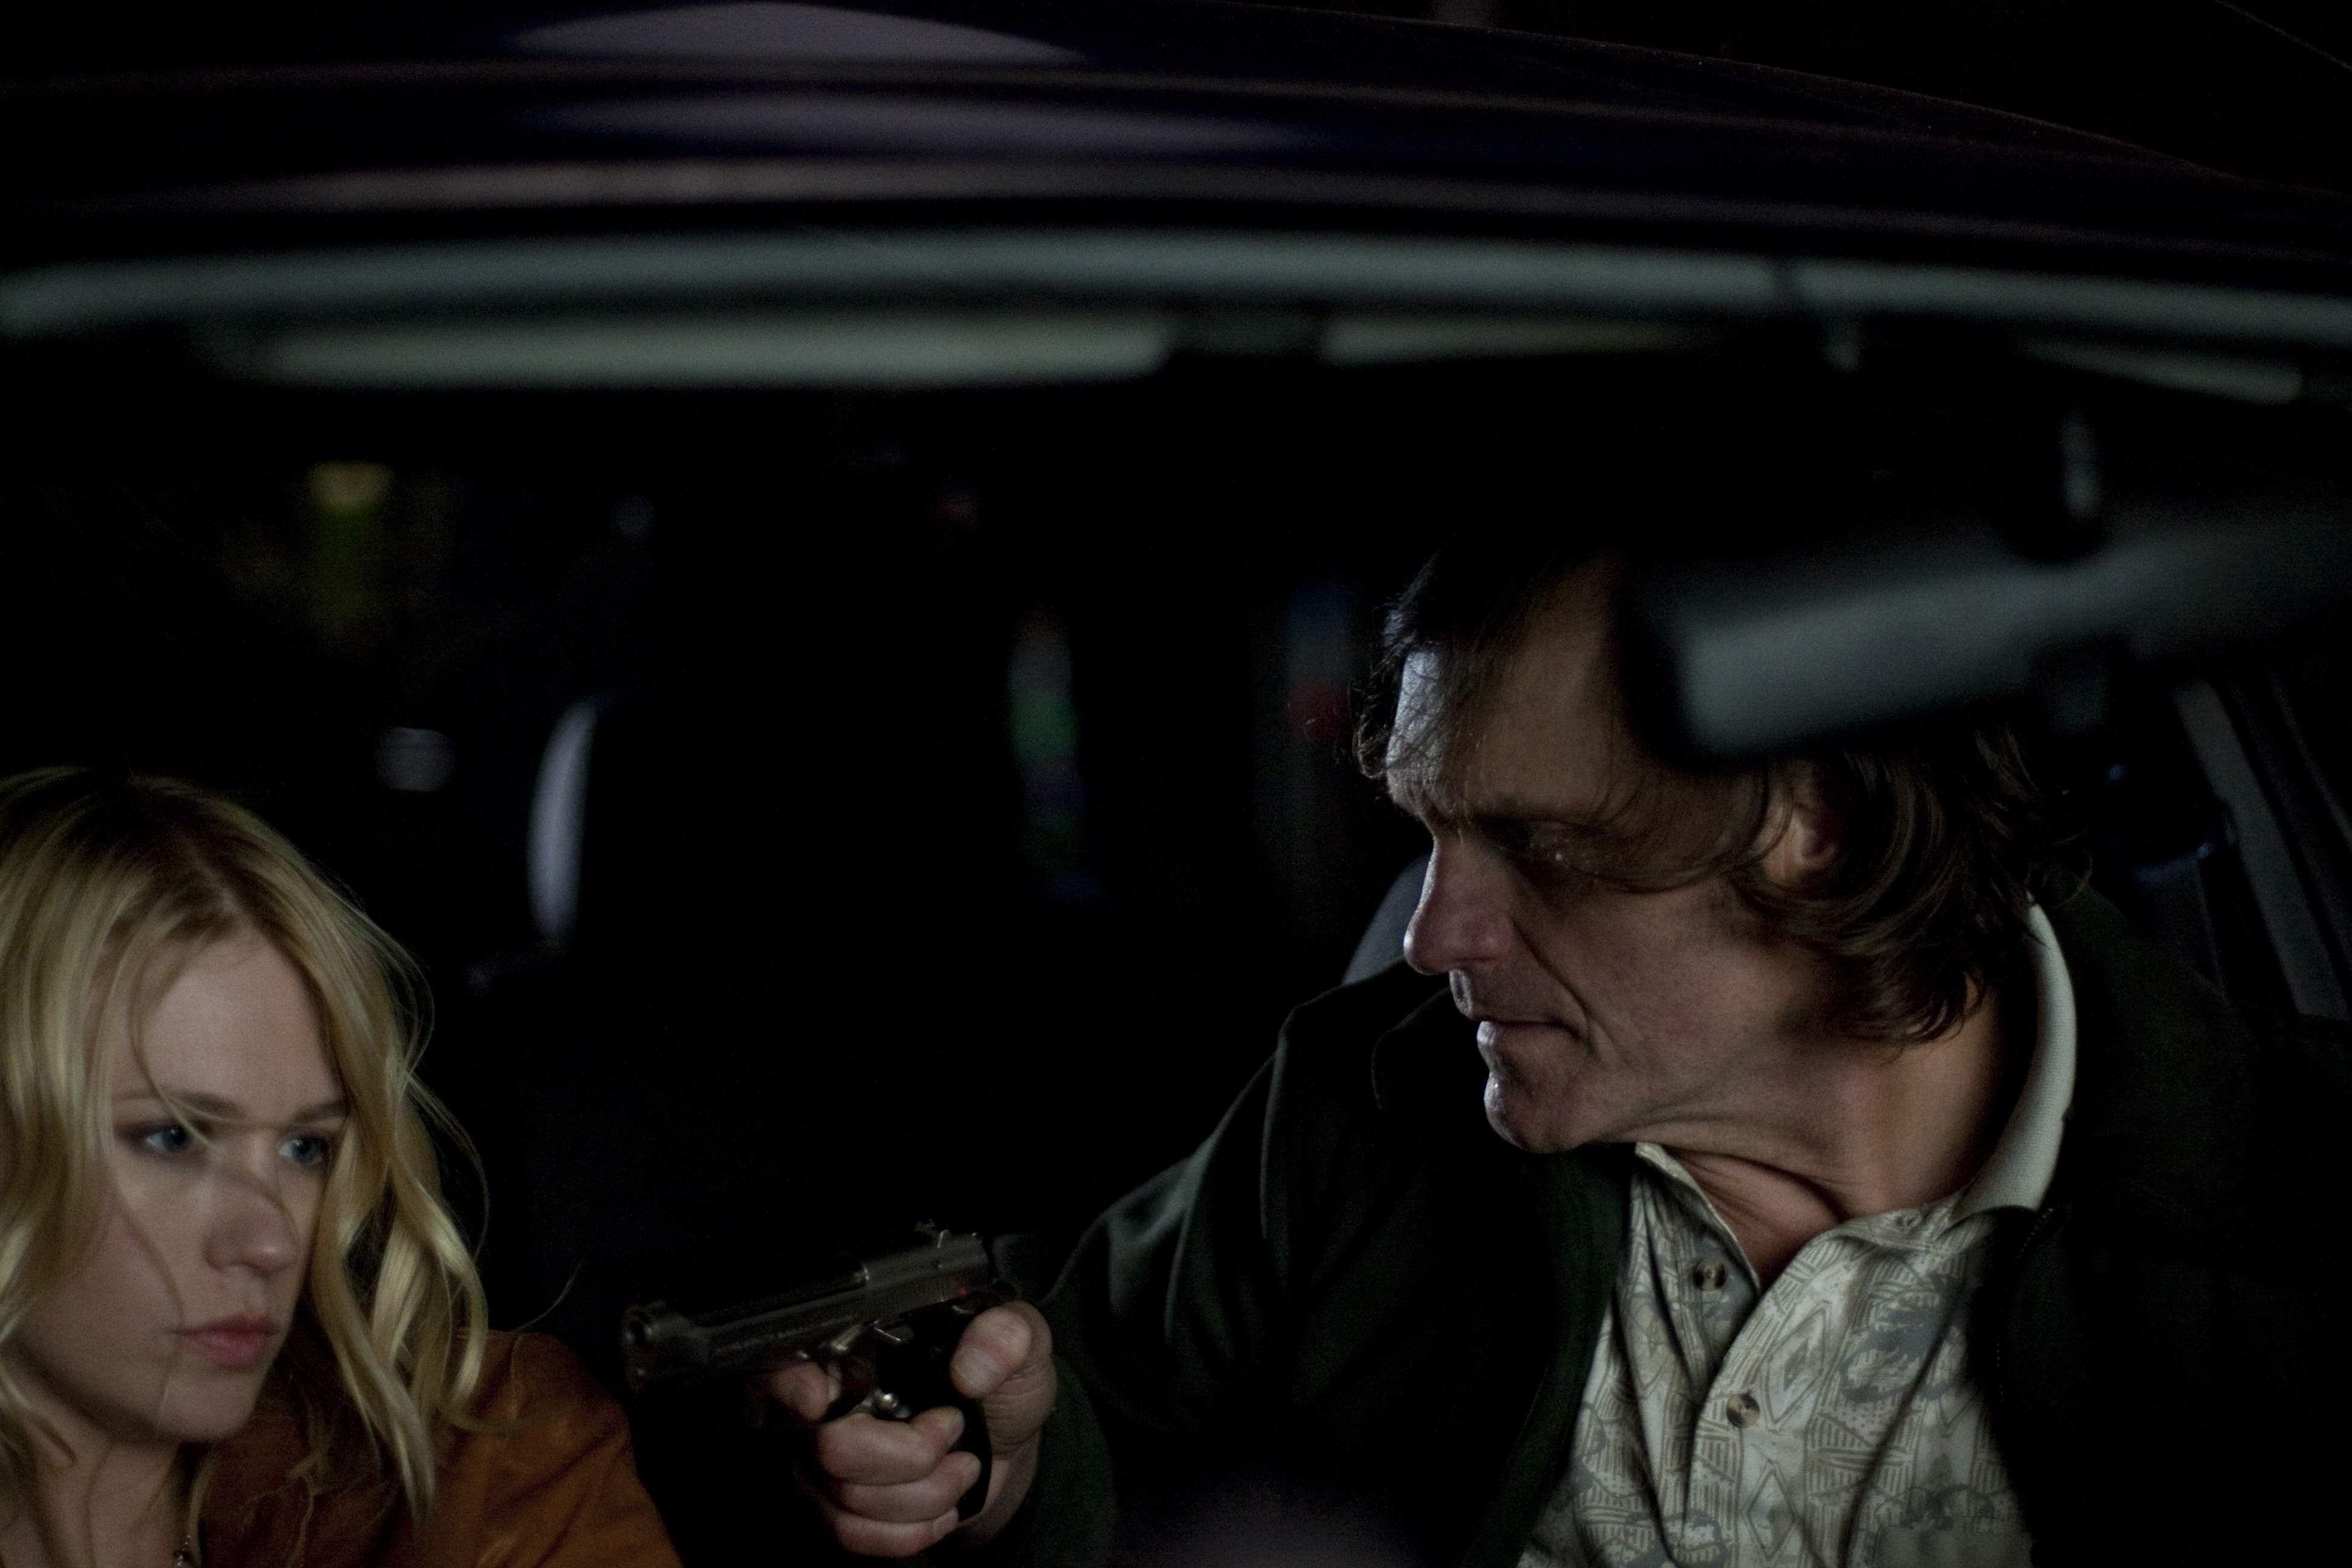 кадры из фильма Голодный кролик атакует Дженьюари Джонс,